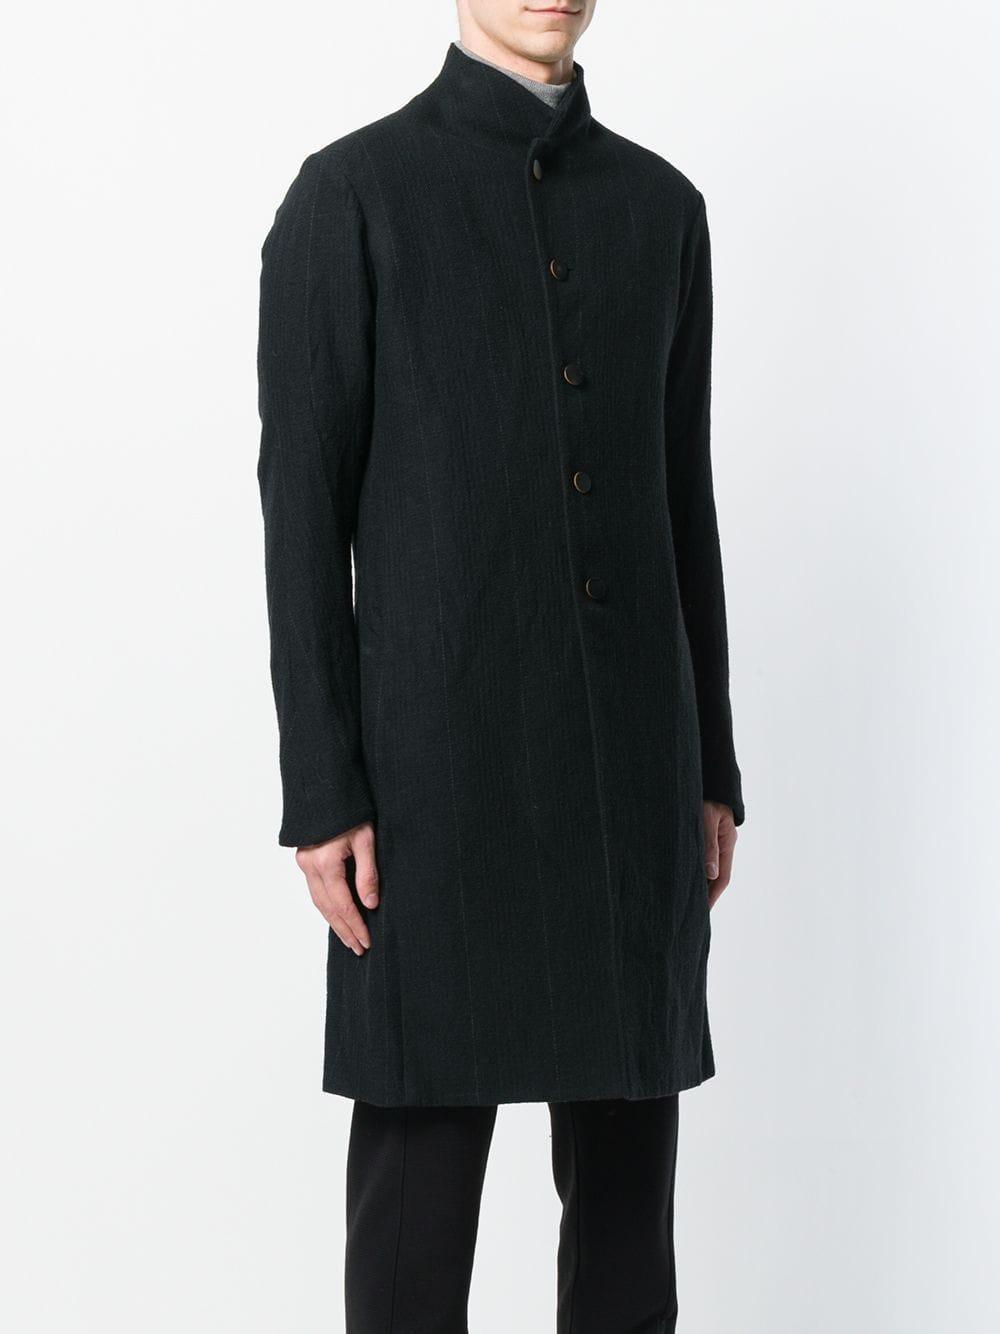 DEVOA Pinstriped Coat in het Zwart voor heren